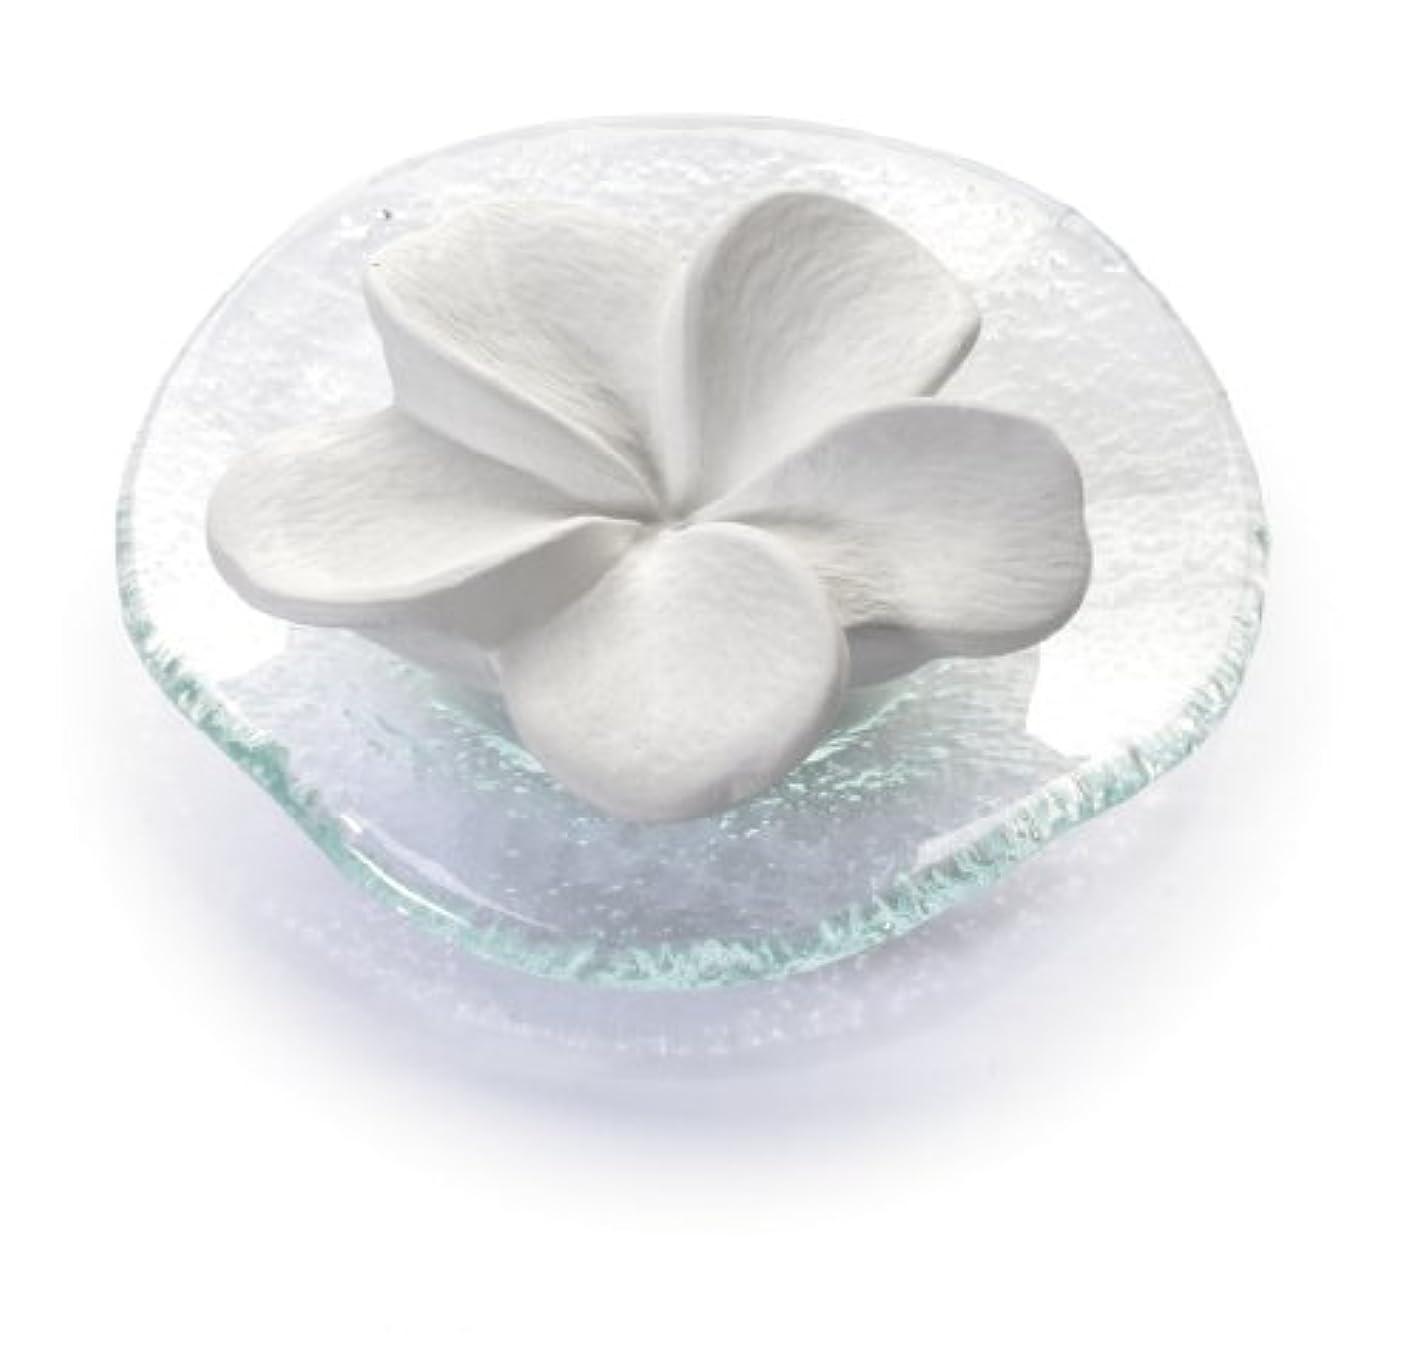 面倒待つ申し立てポマンダー フランジュパニ(ガラズ皿つき)プリマヴェーラ(プリマベラ)「天の香り」